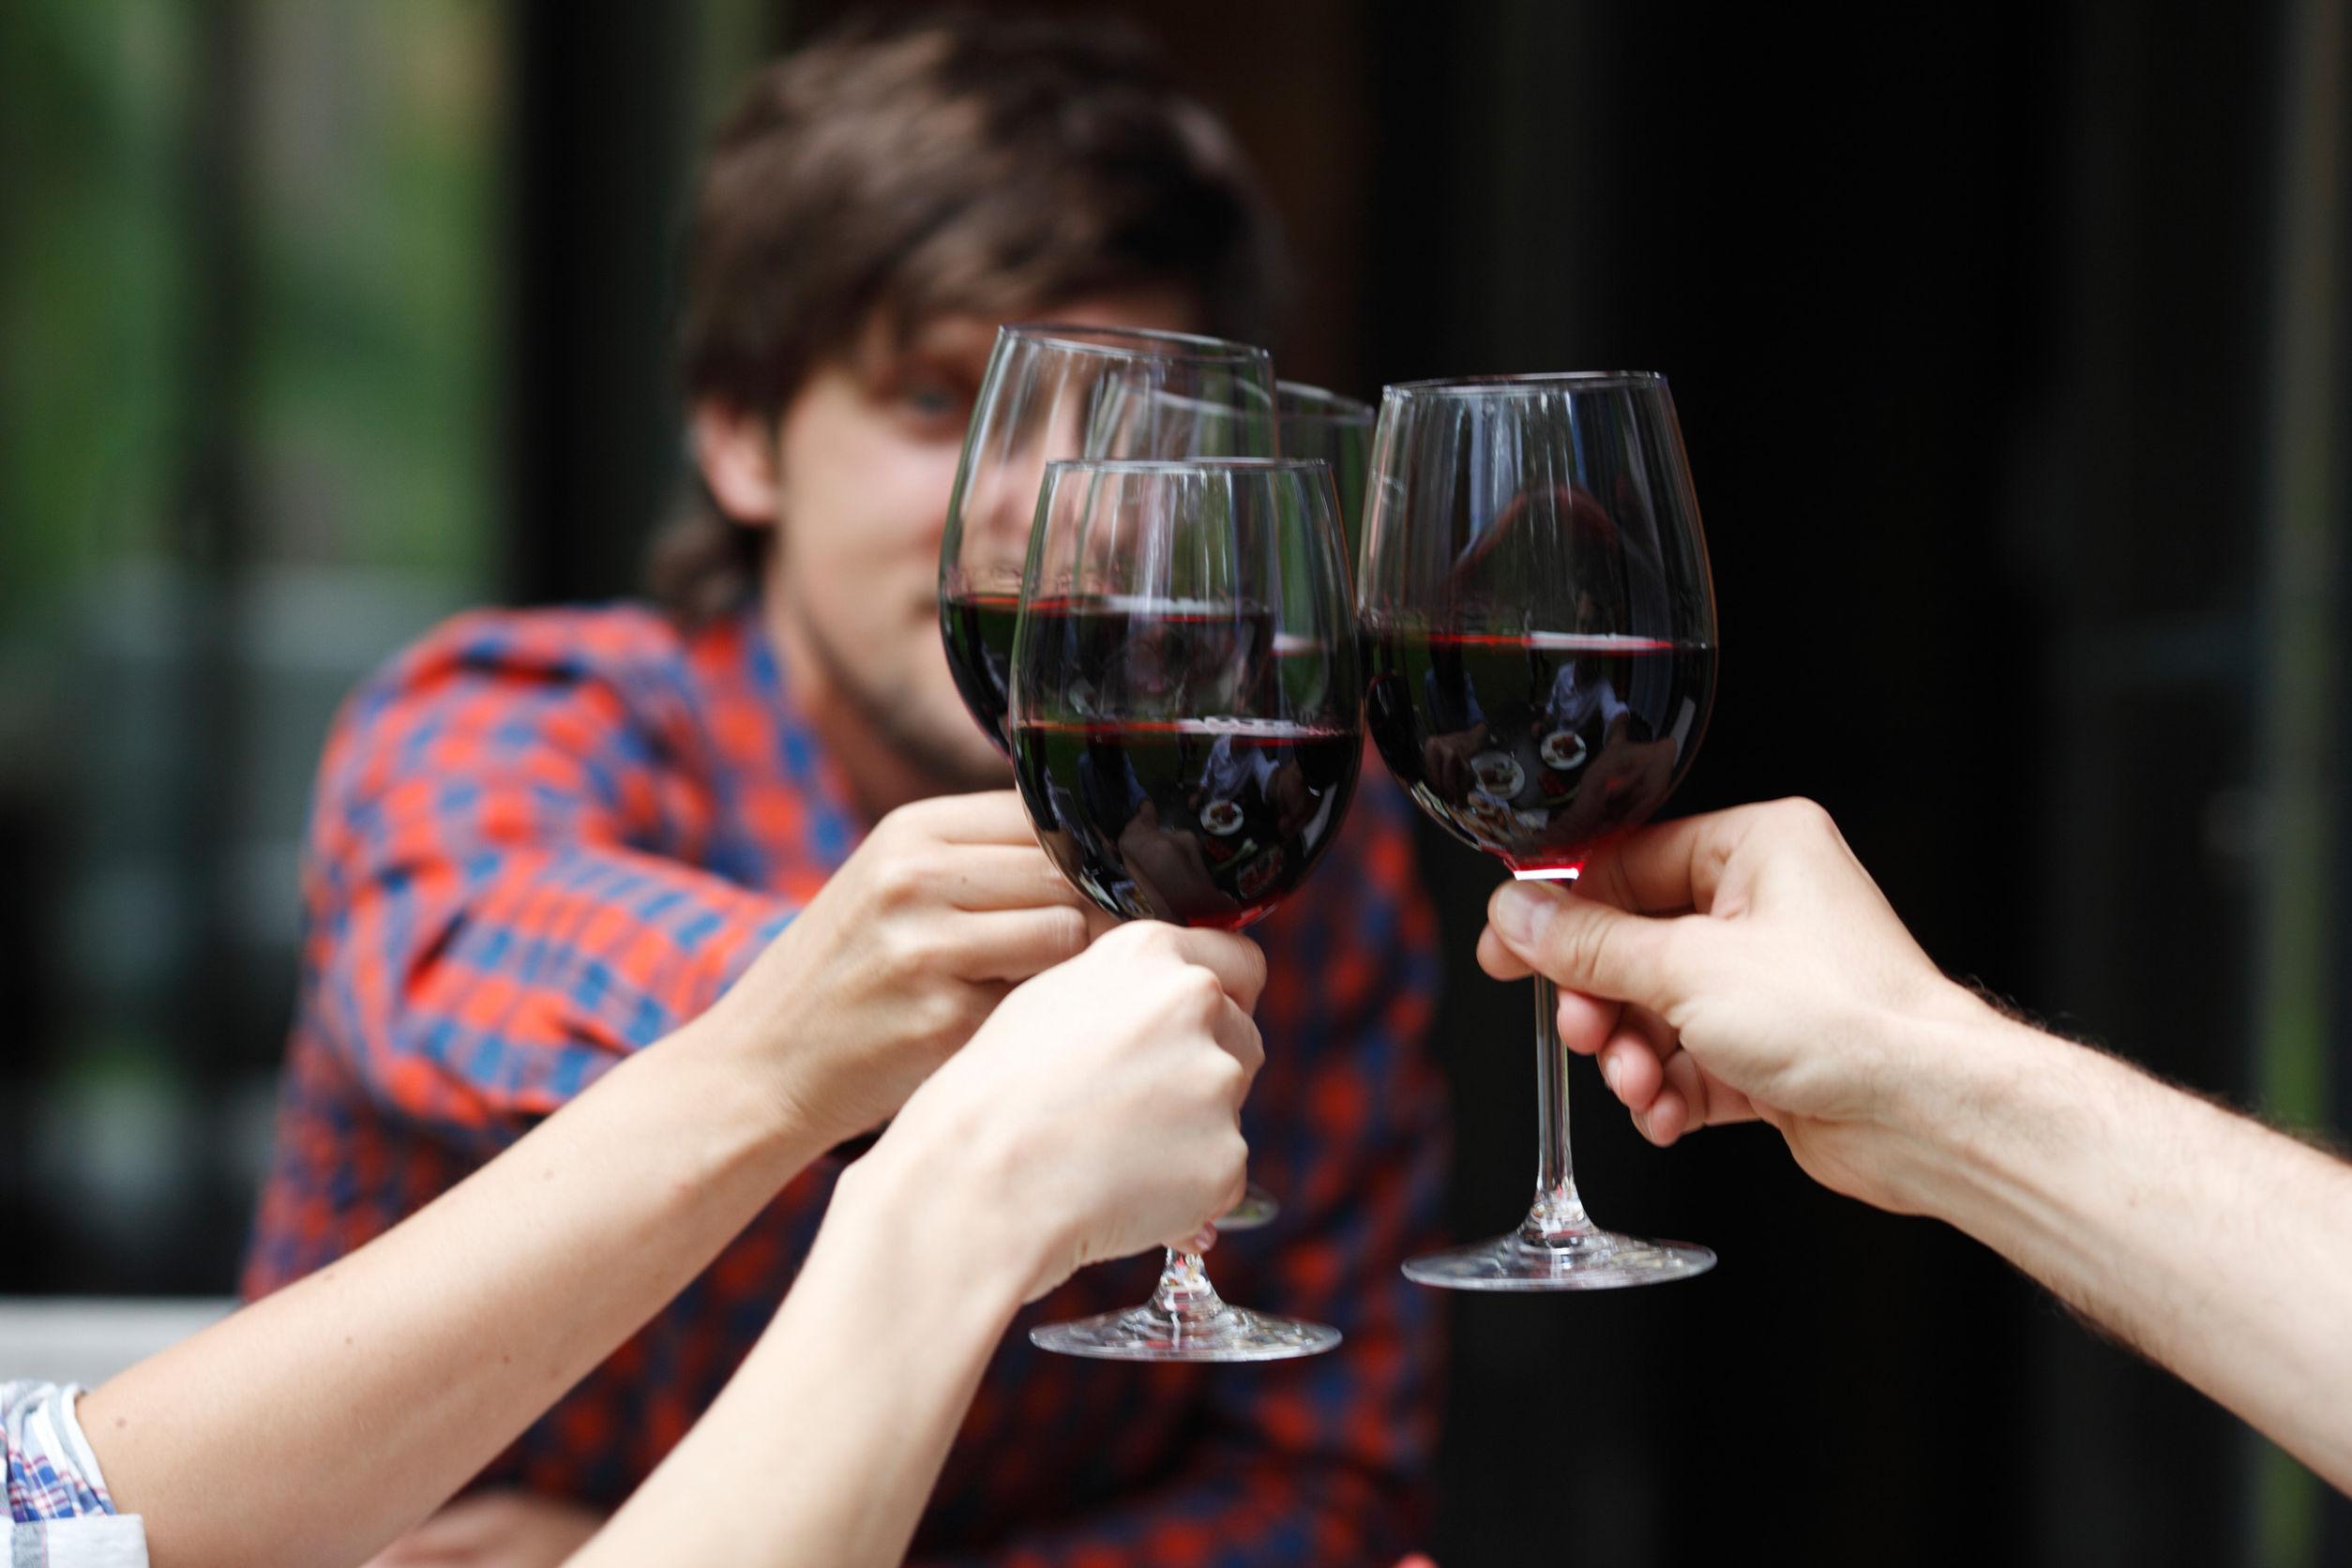 Nouă lucruri pe care ar trebui să le ştiţi despre vinuri